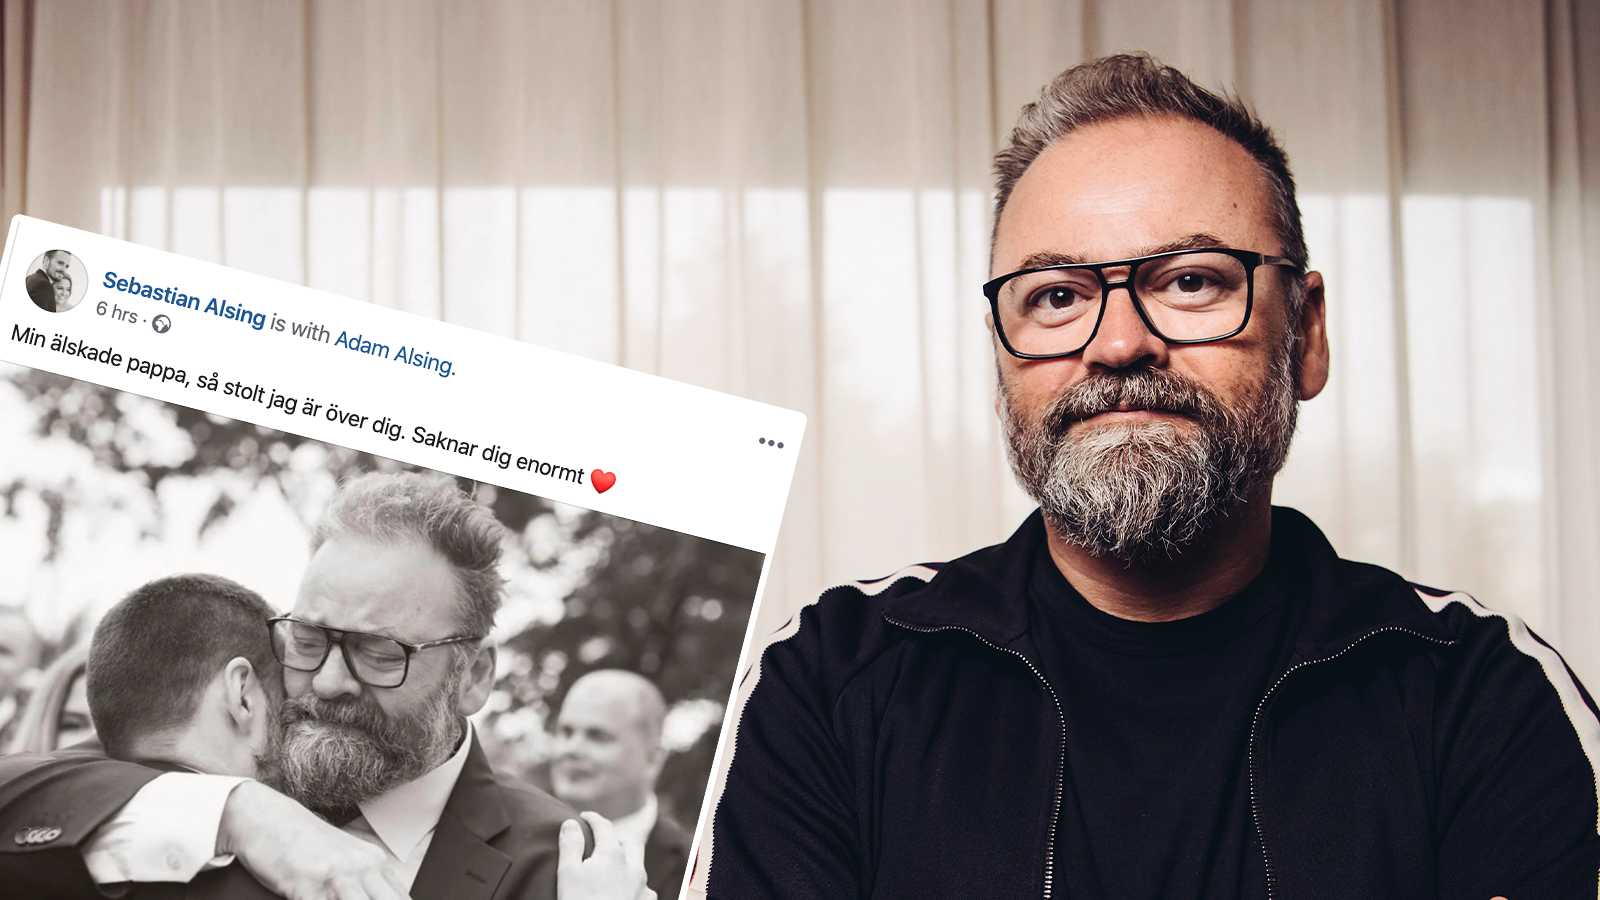 """Familjens sorg efter Adam Alsings död: """"Saknar dig enormt"""""""